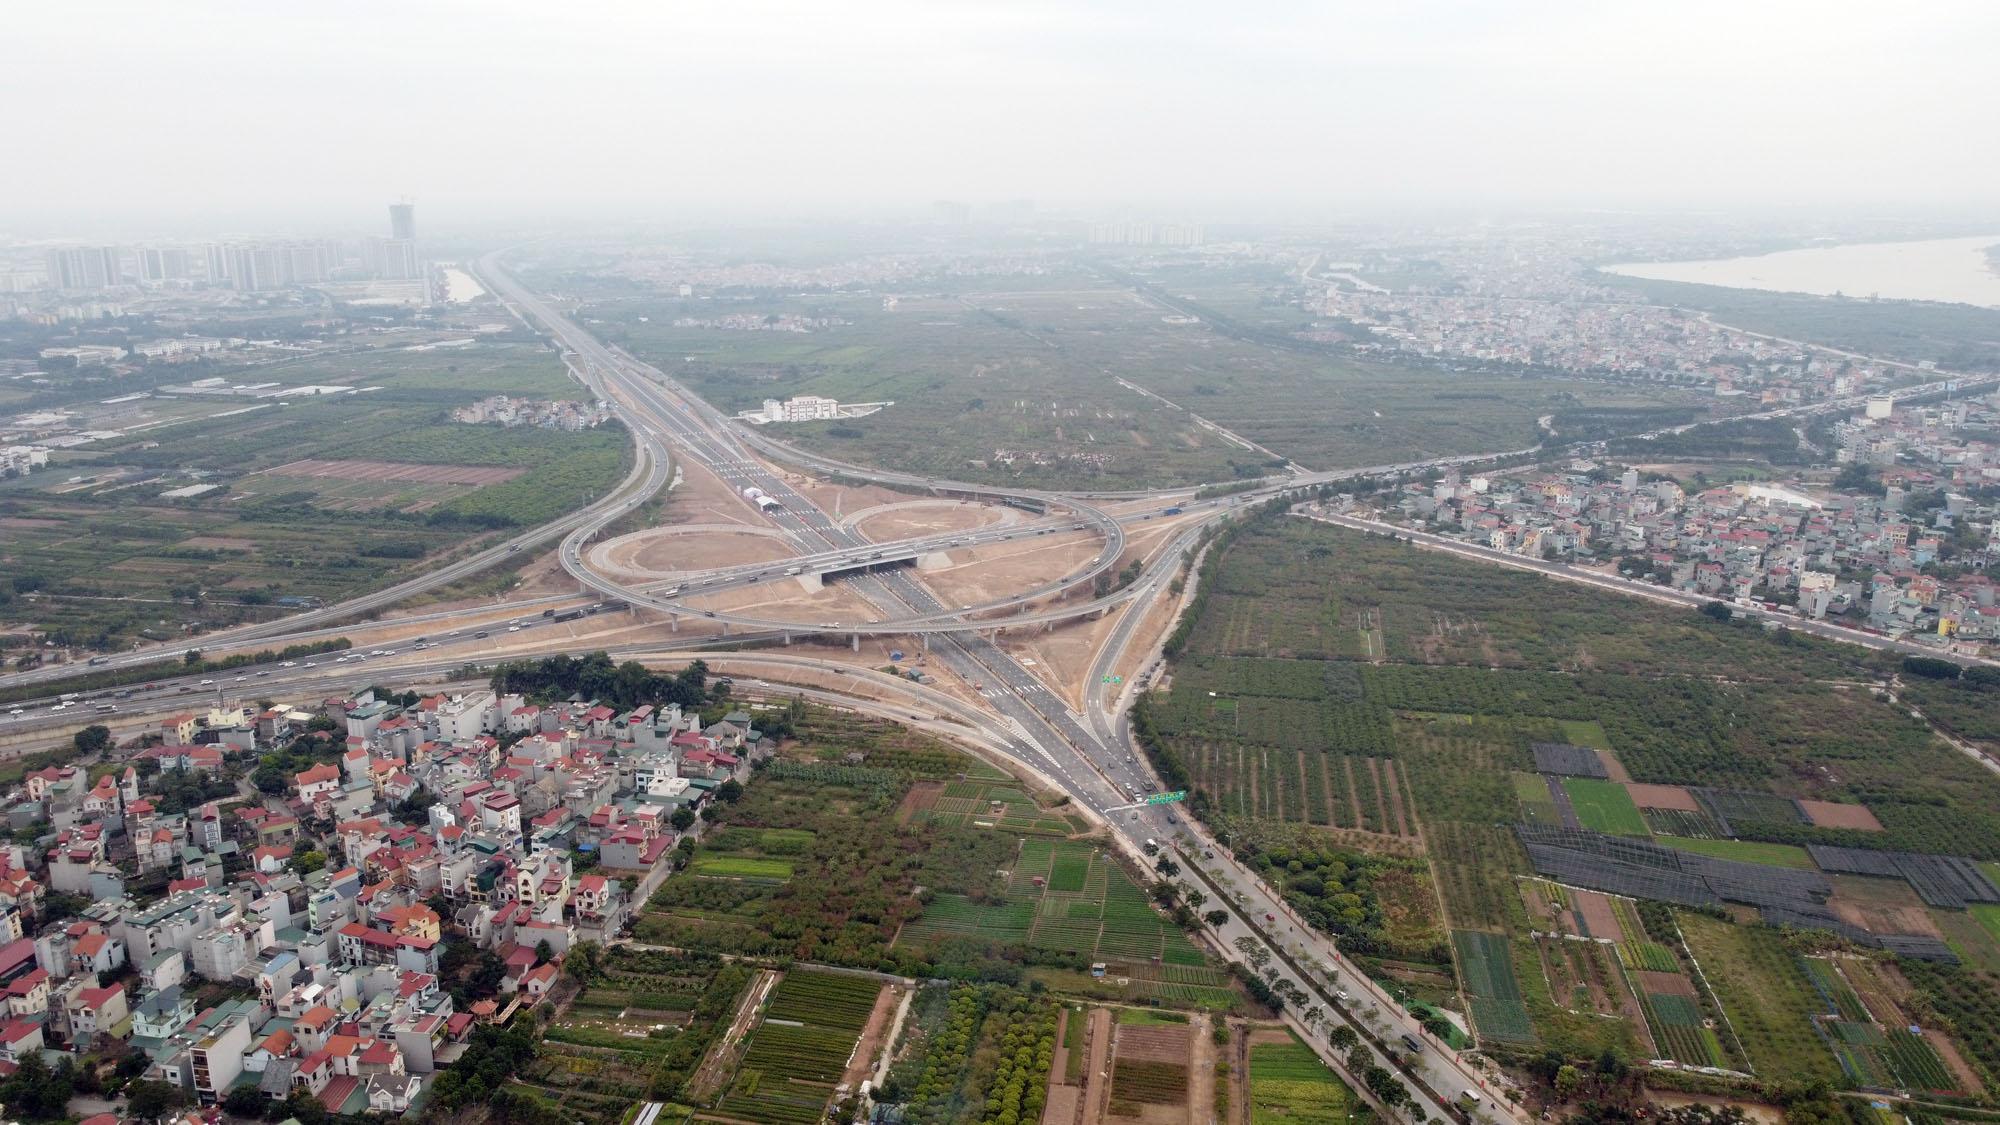 Cận cảnh nút giao đường Vành đai 3 với cao tốc Hà Nội - Hải Phòng trị giá 400 tỷ đồng - Ảnh 14.